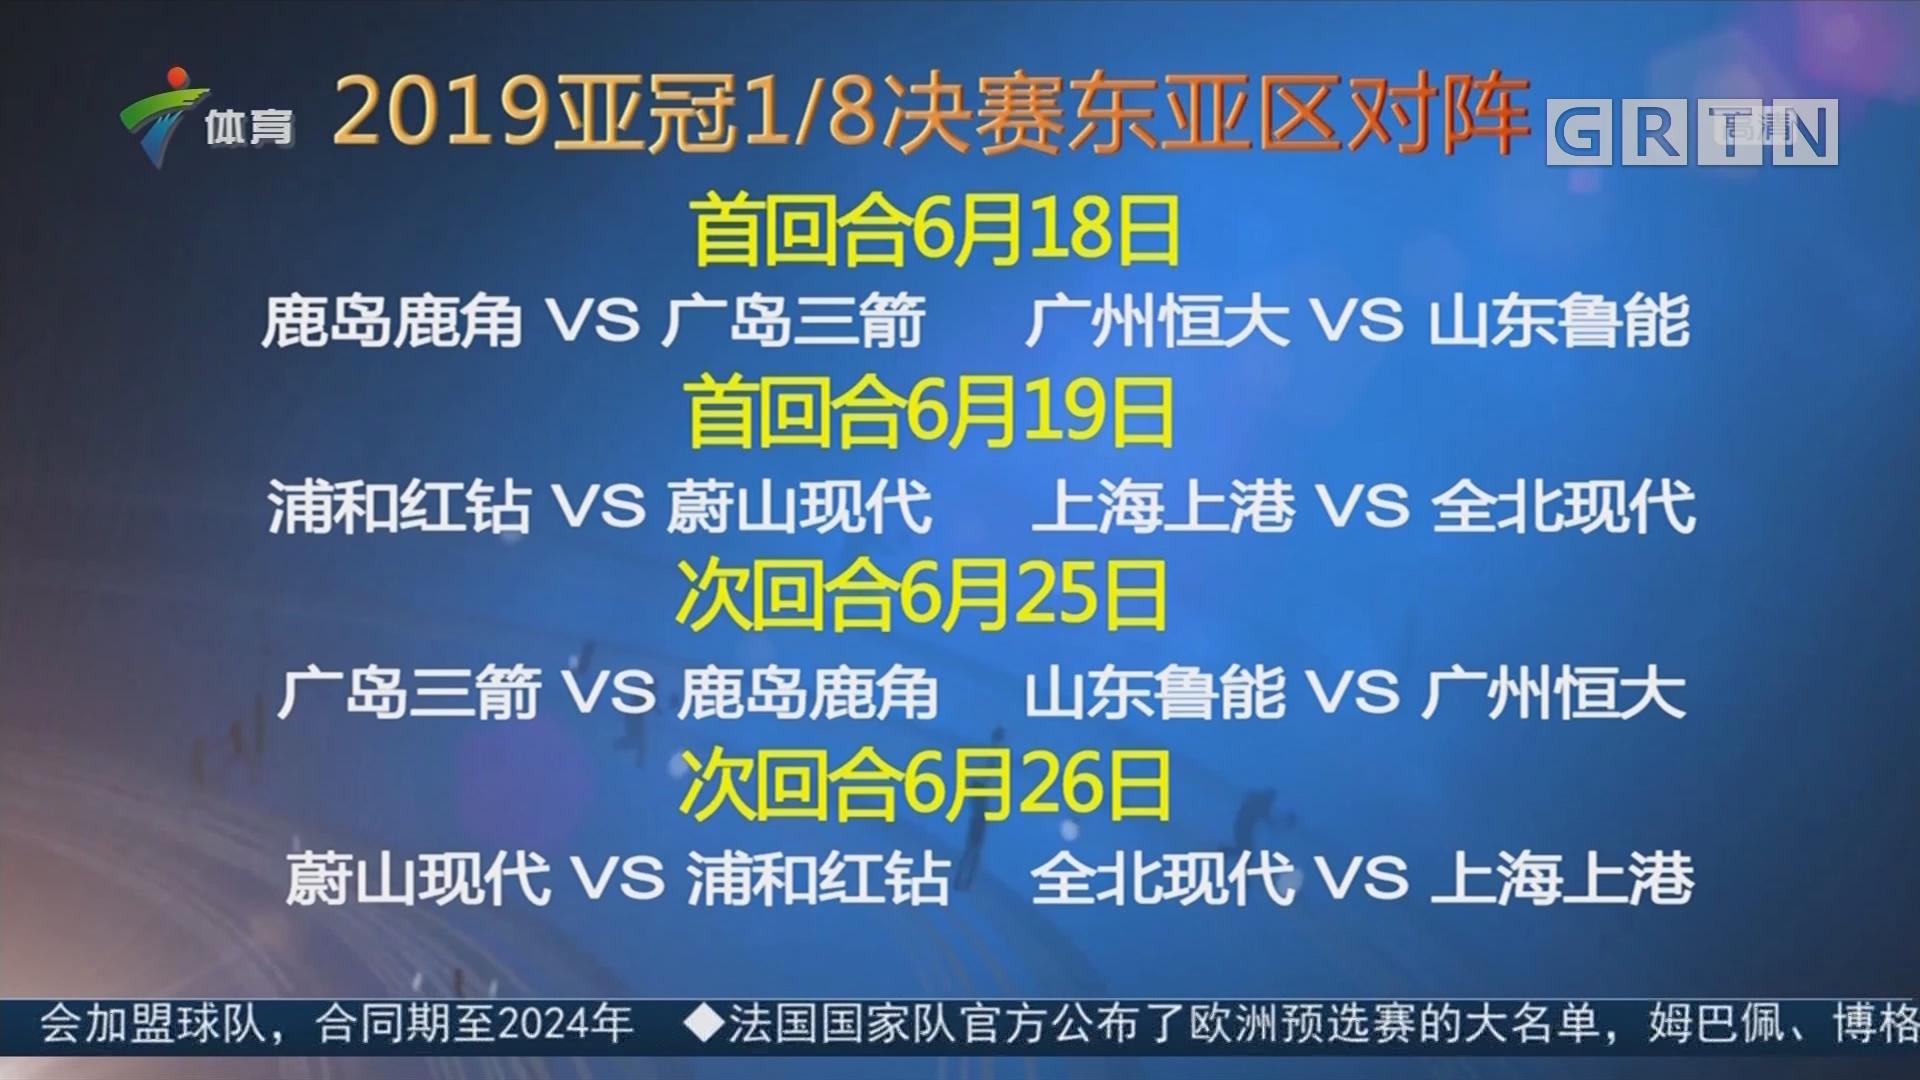 2019亚冠1/8决赛东亚区对阵